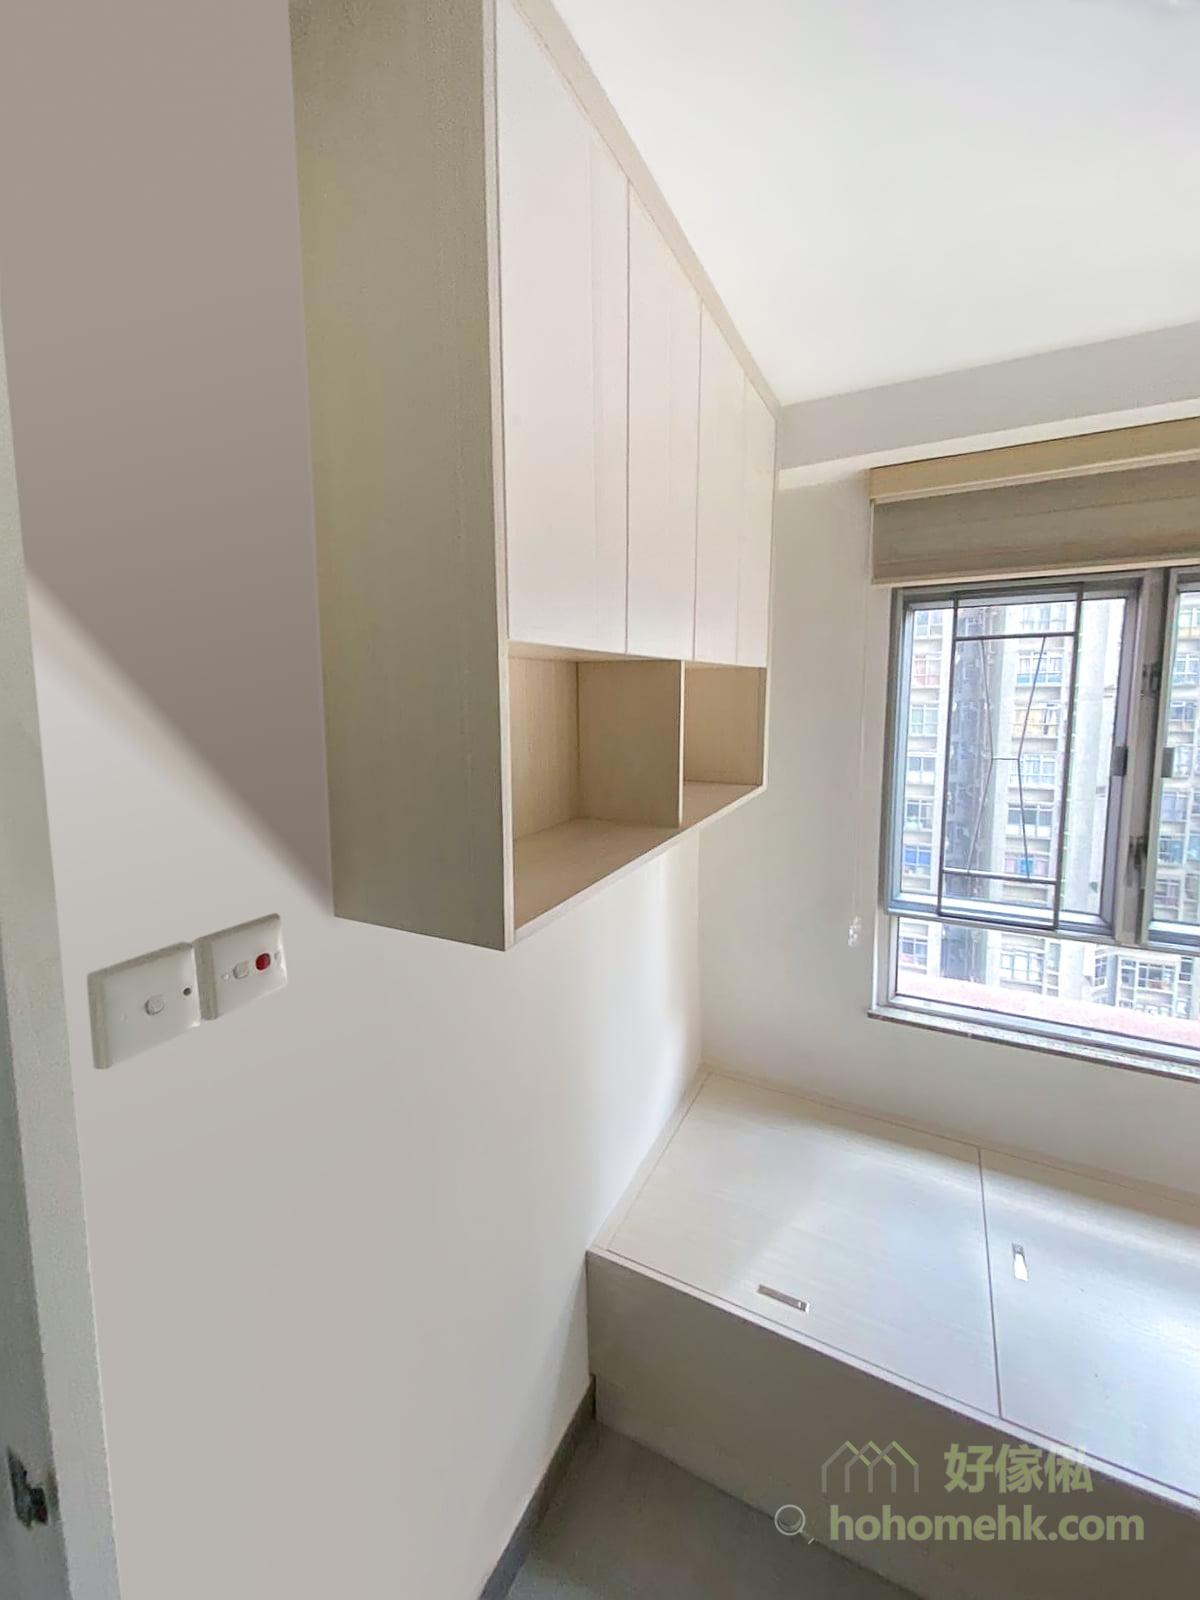 睡房內主要分成四個儲物區域,包括是下層床床尾的儲物櫃和地台儲物箱、上層床底下的衣櫃和地櫃,以及房門旁的吊櫃